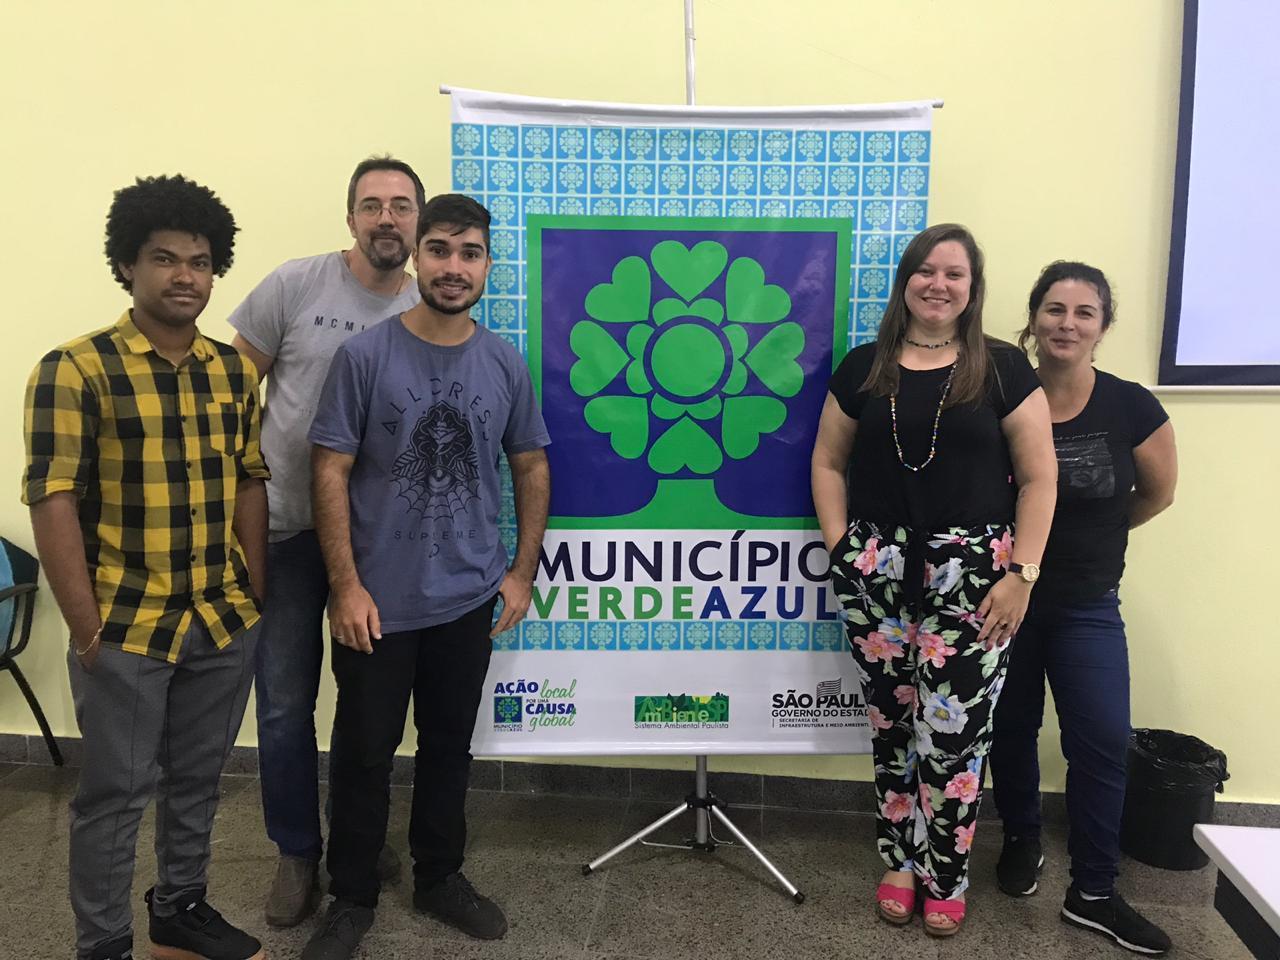 Capivari participa de capacitação para a conquista do selo do Município Verde Azul